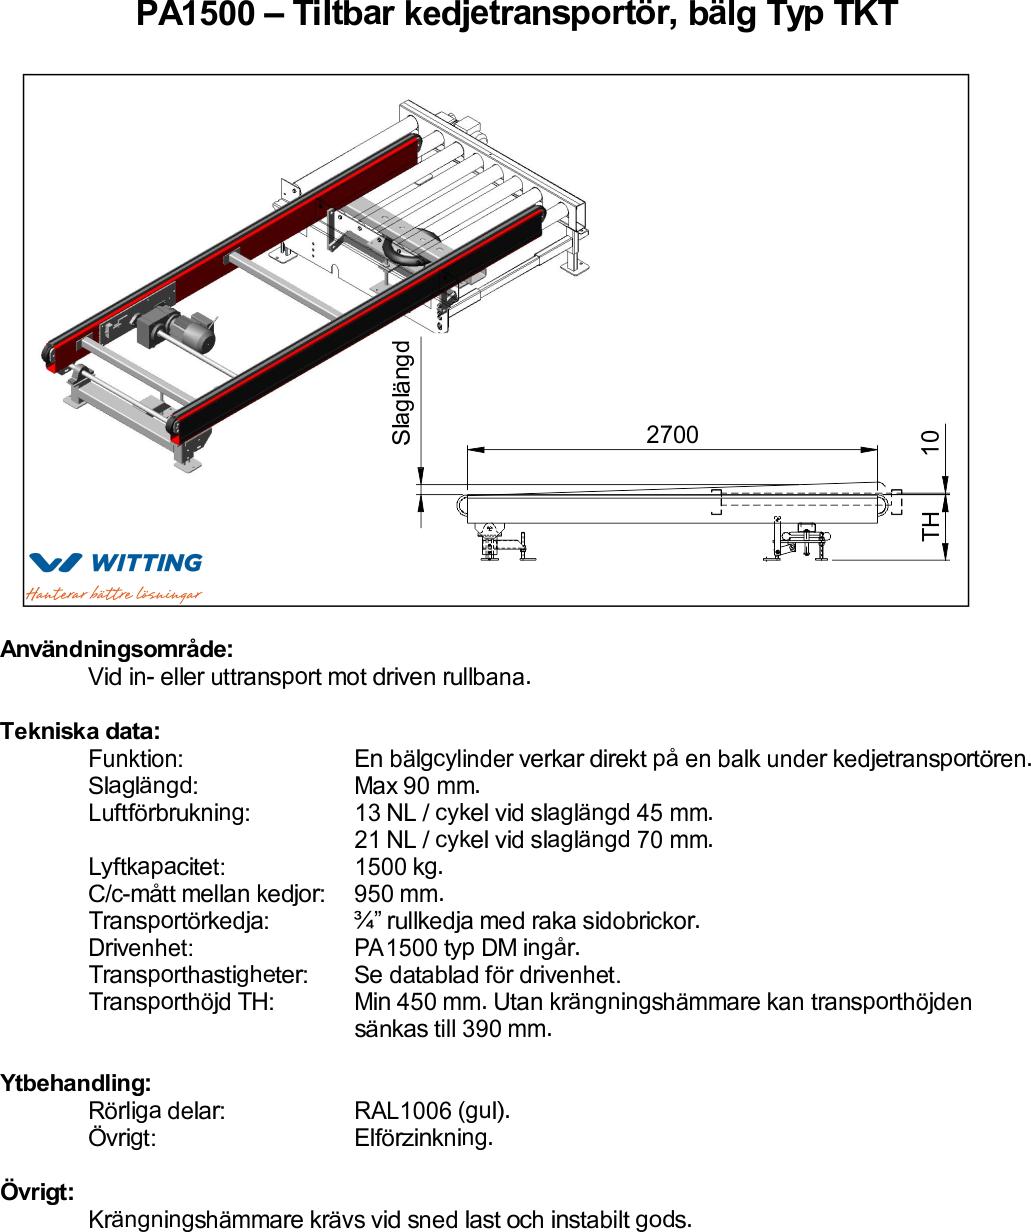 Tiltbar kedjetransportör, bälg Typ TKT